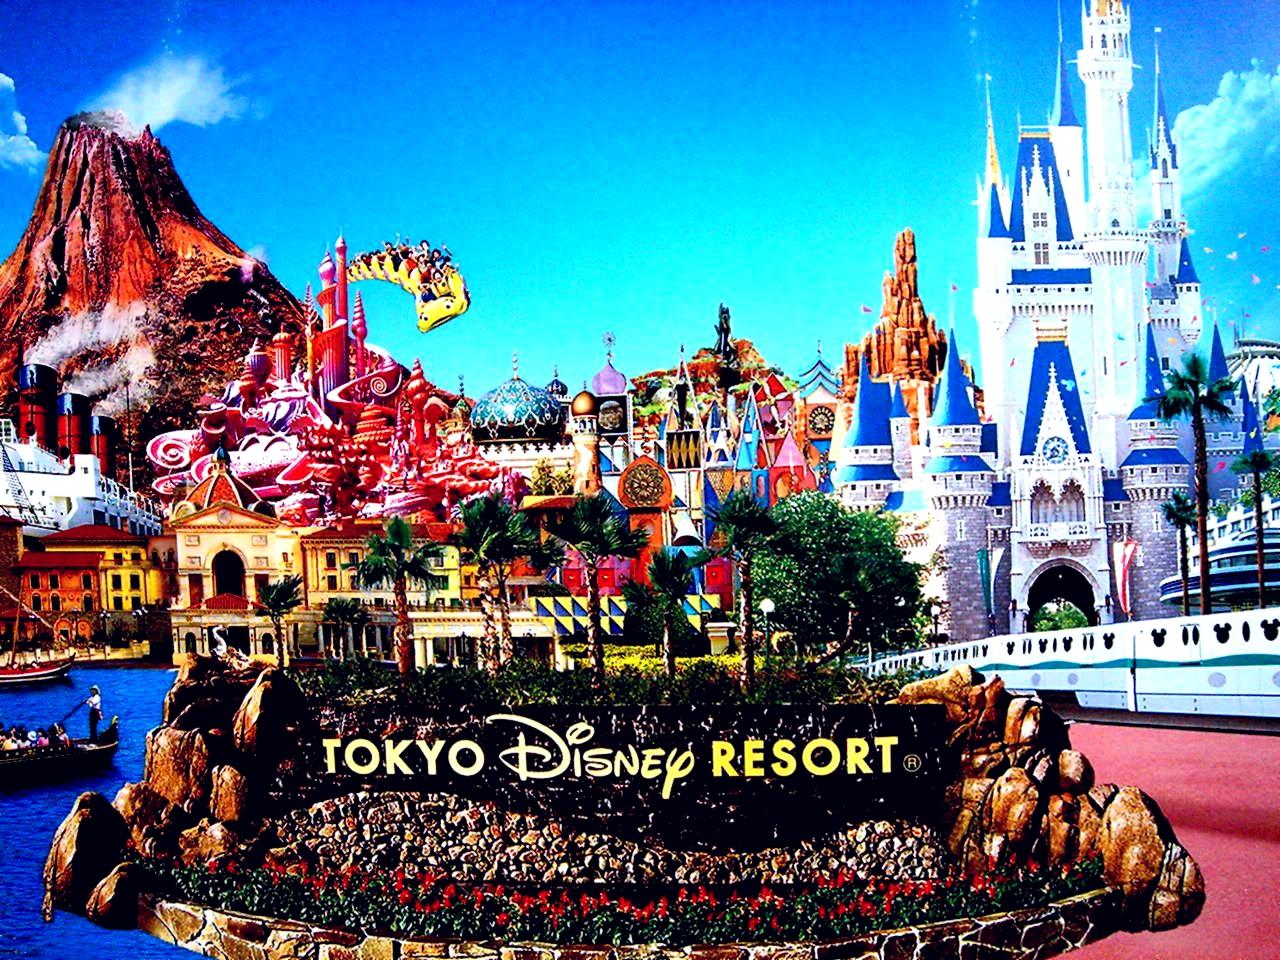 東京ディズニーランド・シーがさらに広くなる!拡張、再開発へ - naver